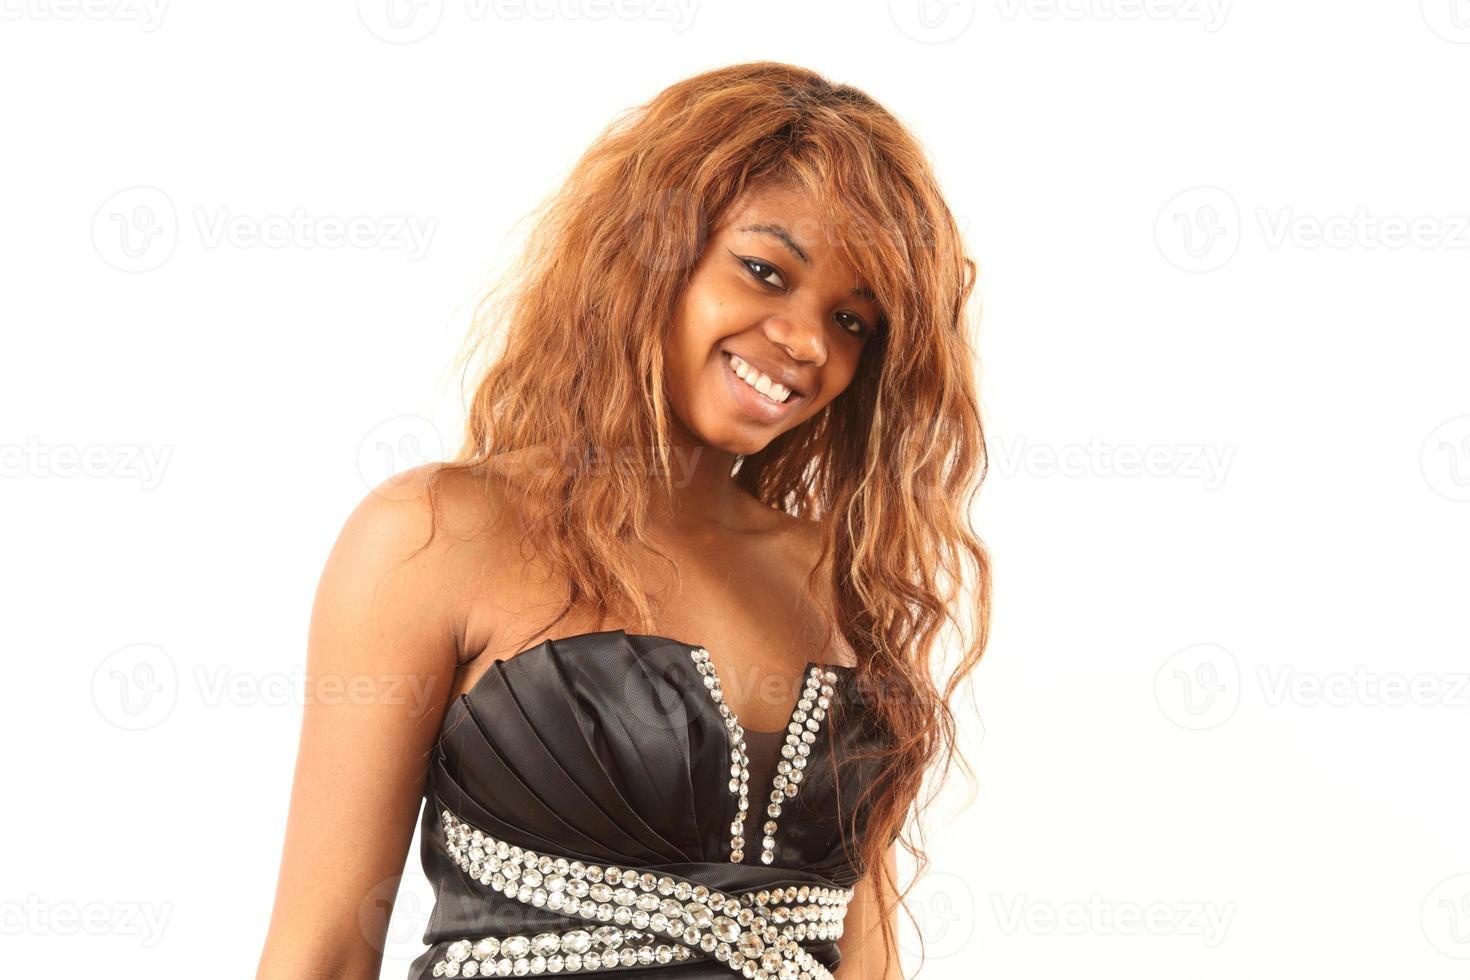 Afrikaanse vrouw in een mooie jurk foto